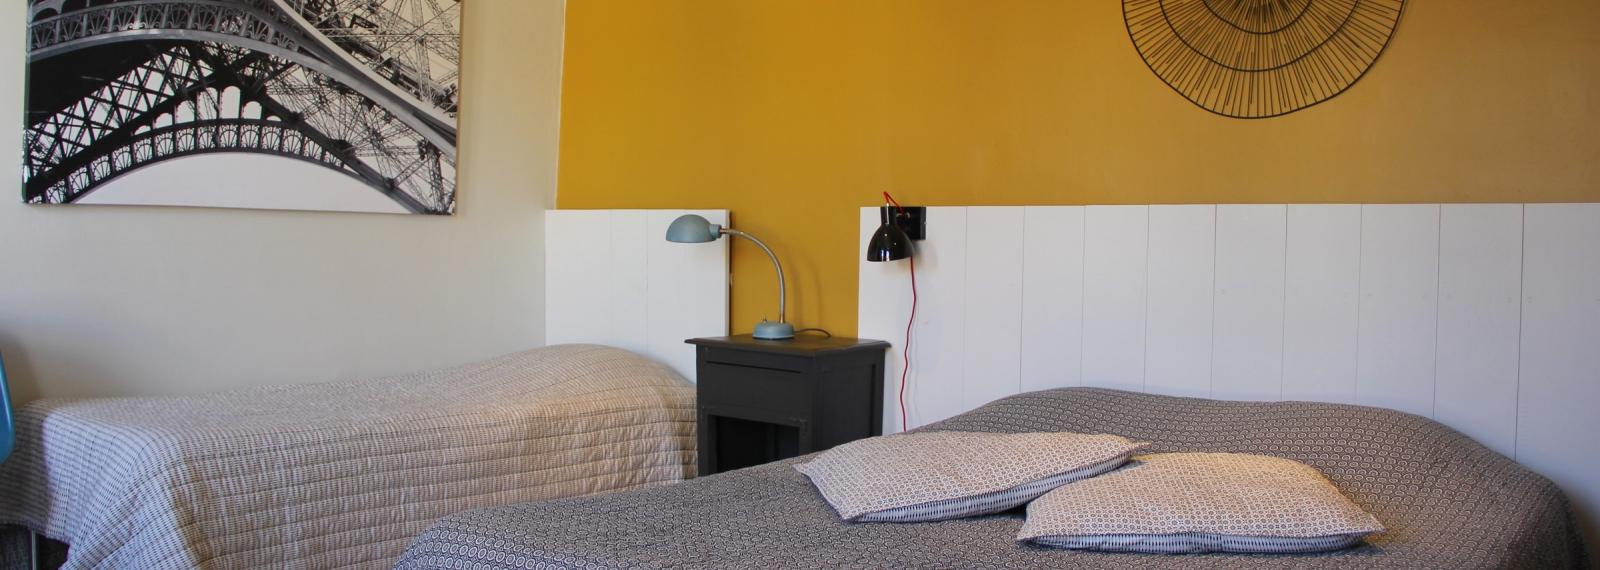 Chambres d'hôtes Le Sommeil des Fées à Saint-Rémy-de-Provence